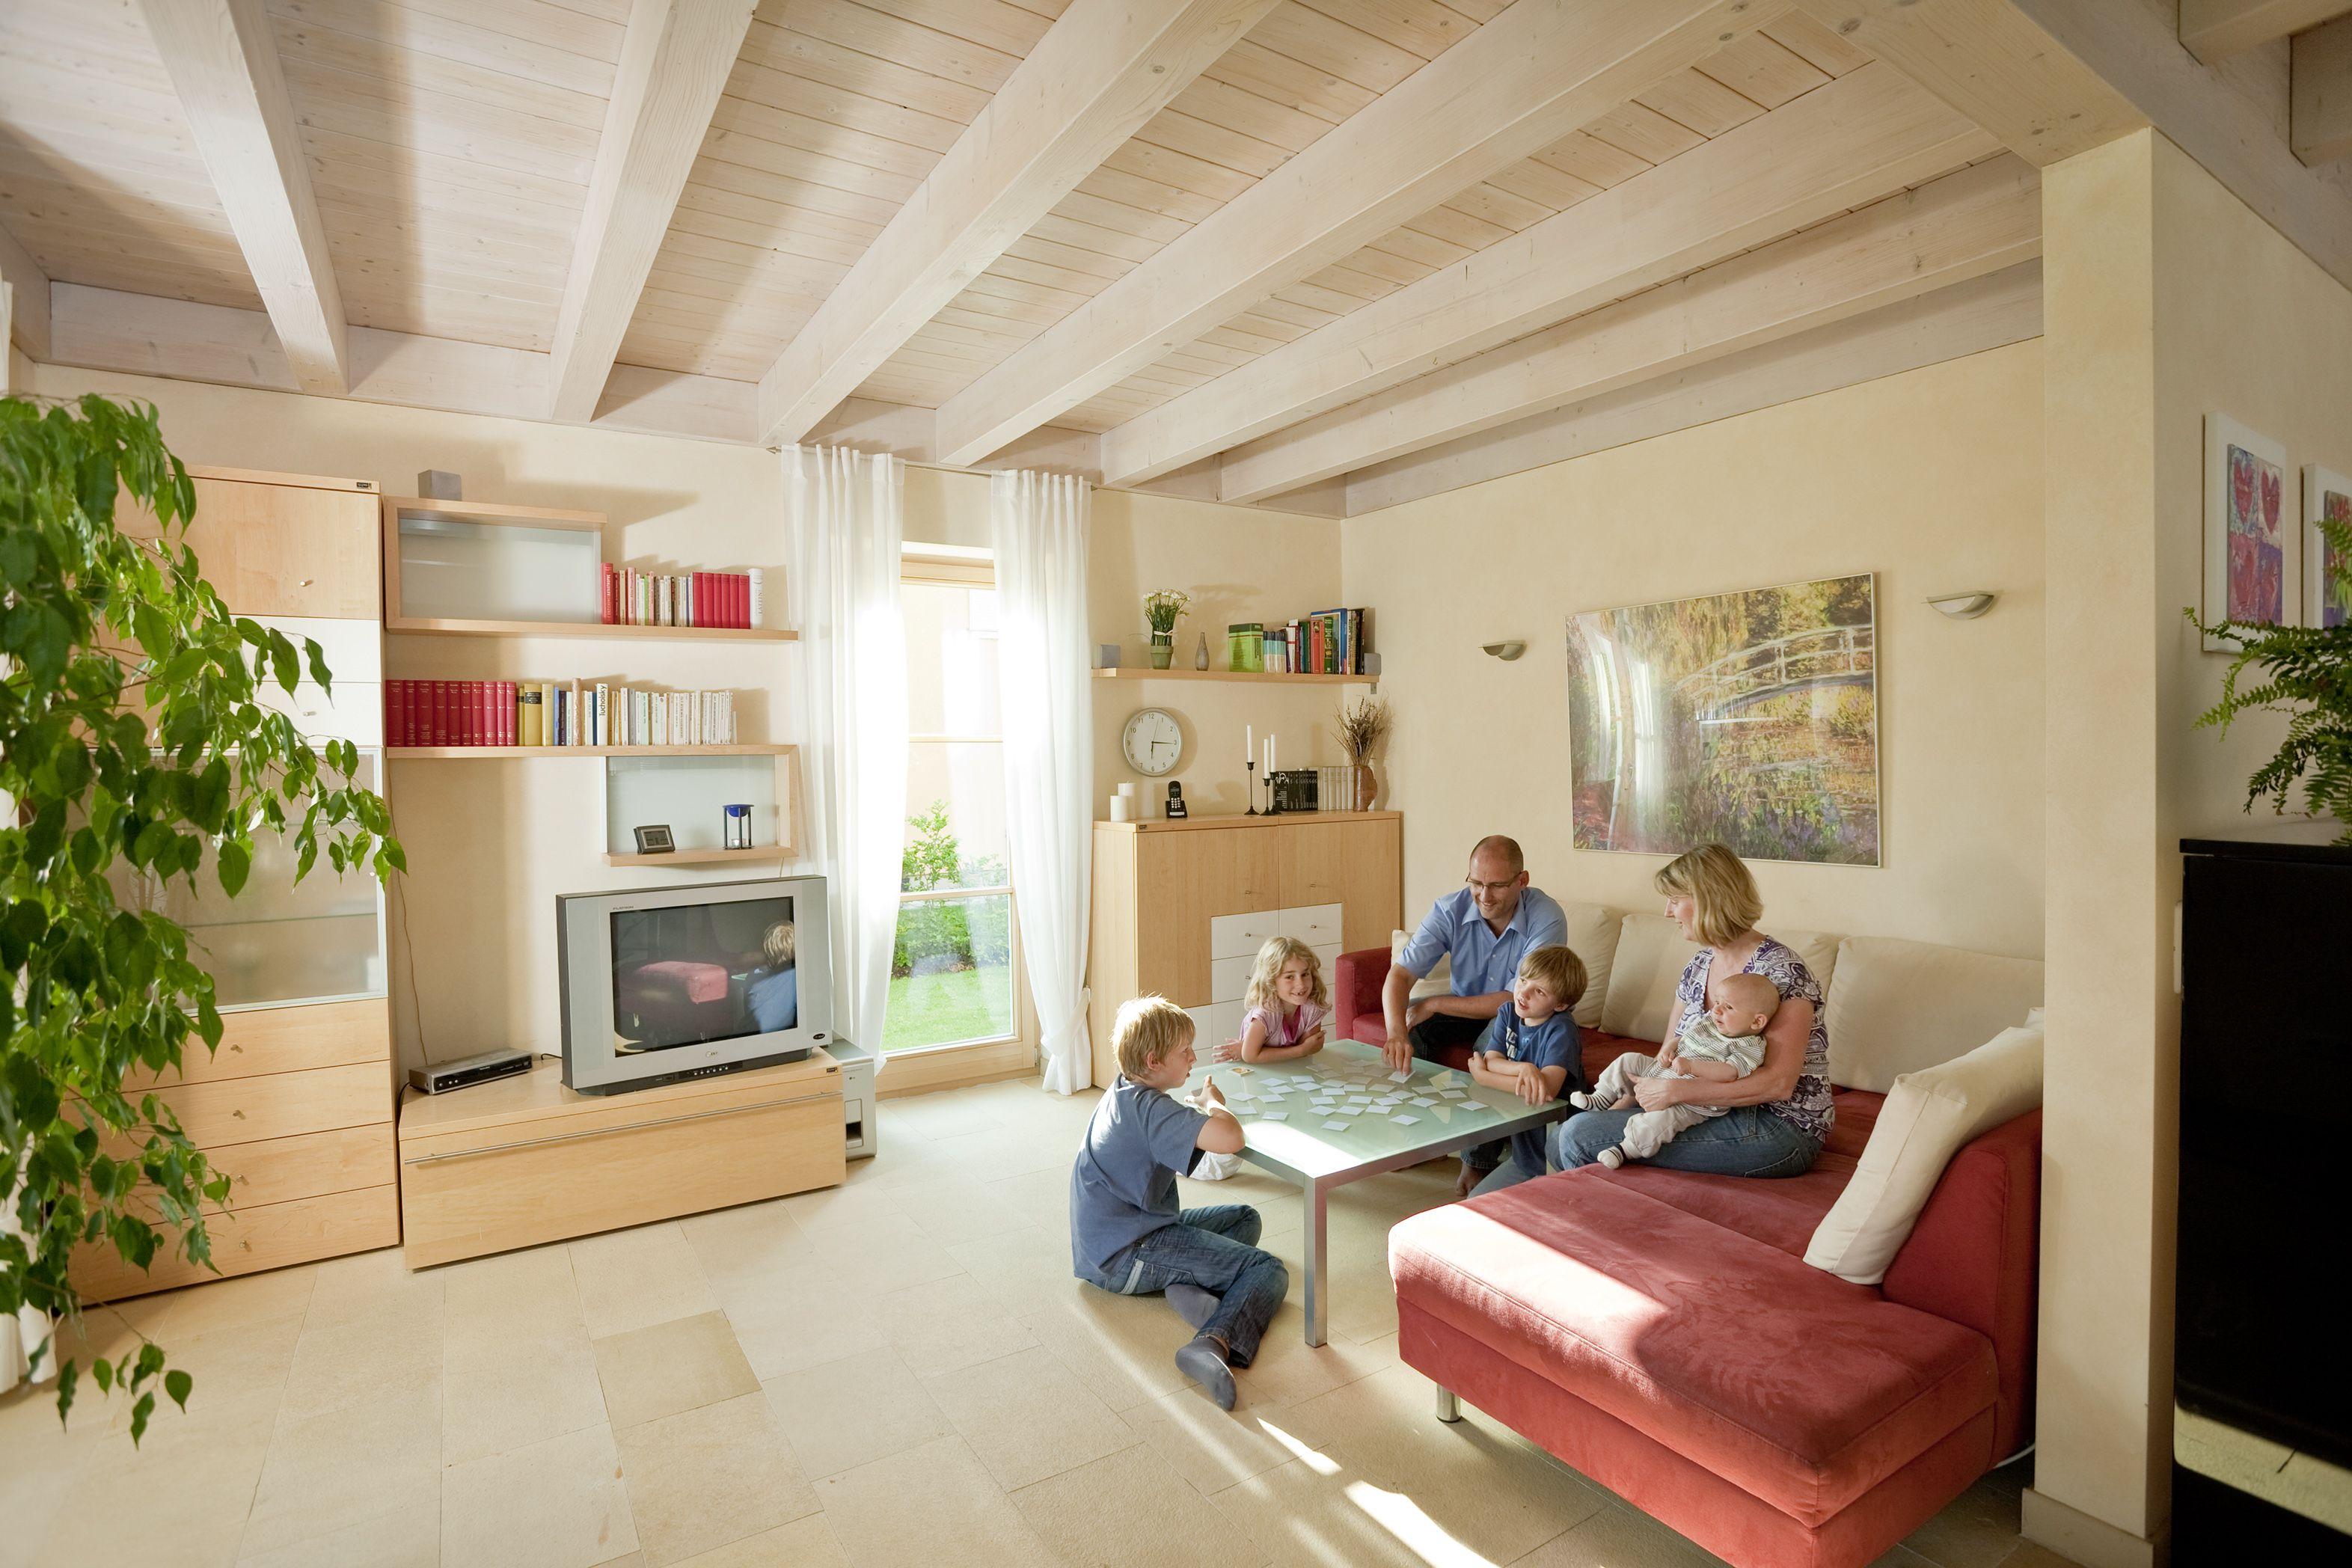 Offenes wohnzimmer mit heller sichtholzdecke holzhaus aumann ziemetshausen wohnzimmer holz - Wohnzimmer wanduhren holz ...